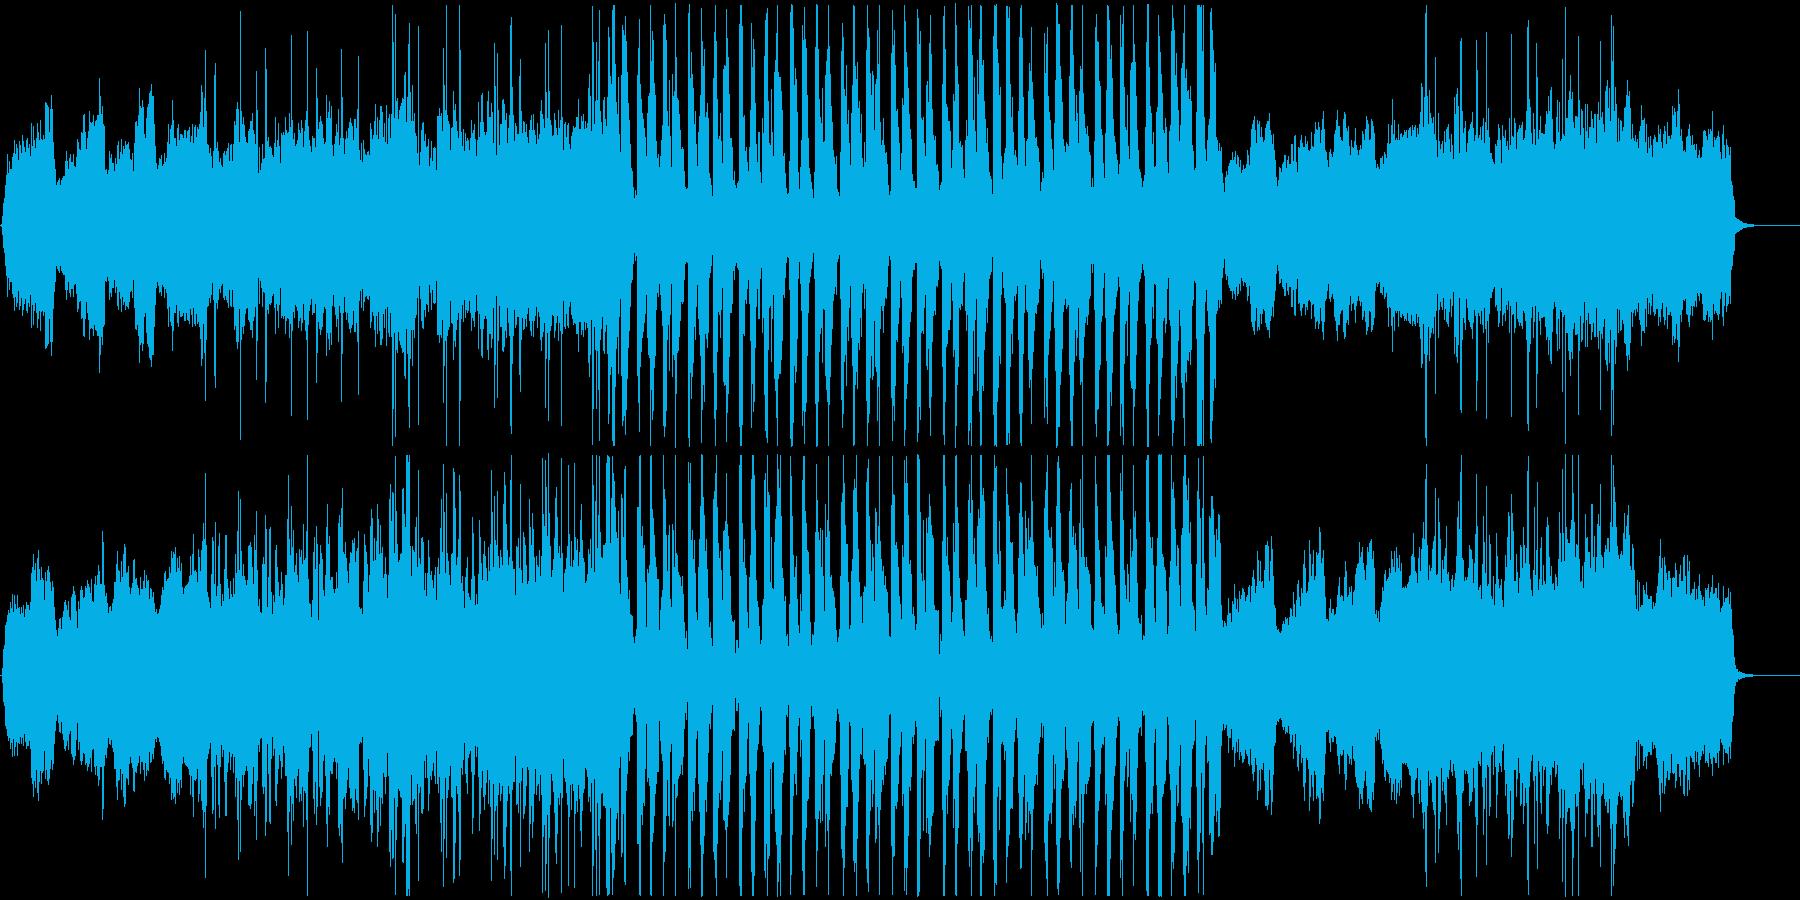 暗く力強い*ロック調*ストリングスの再生済みの波形